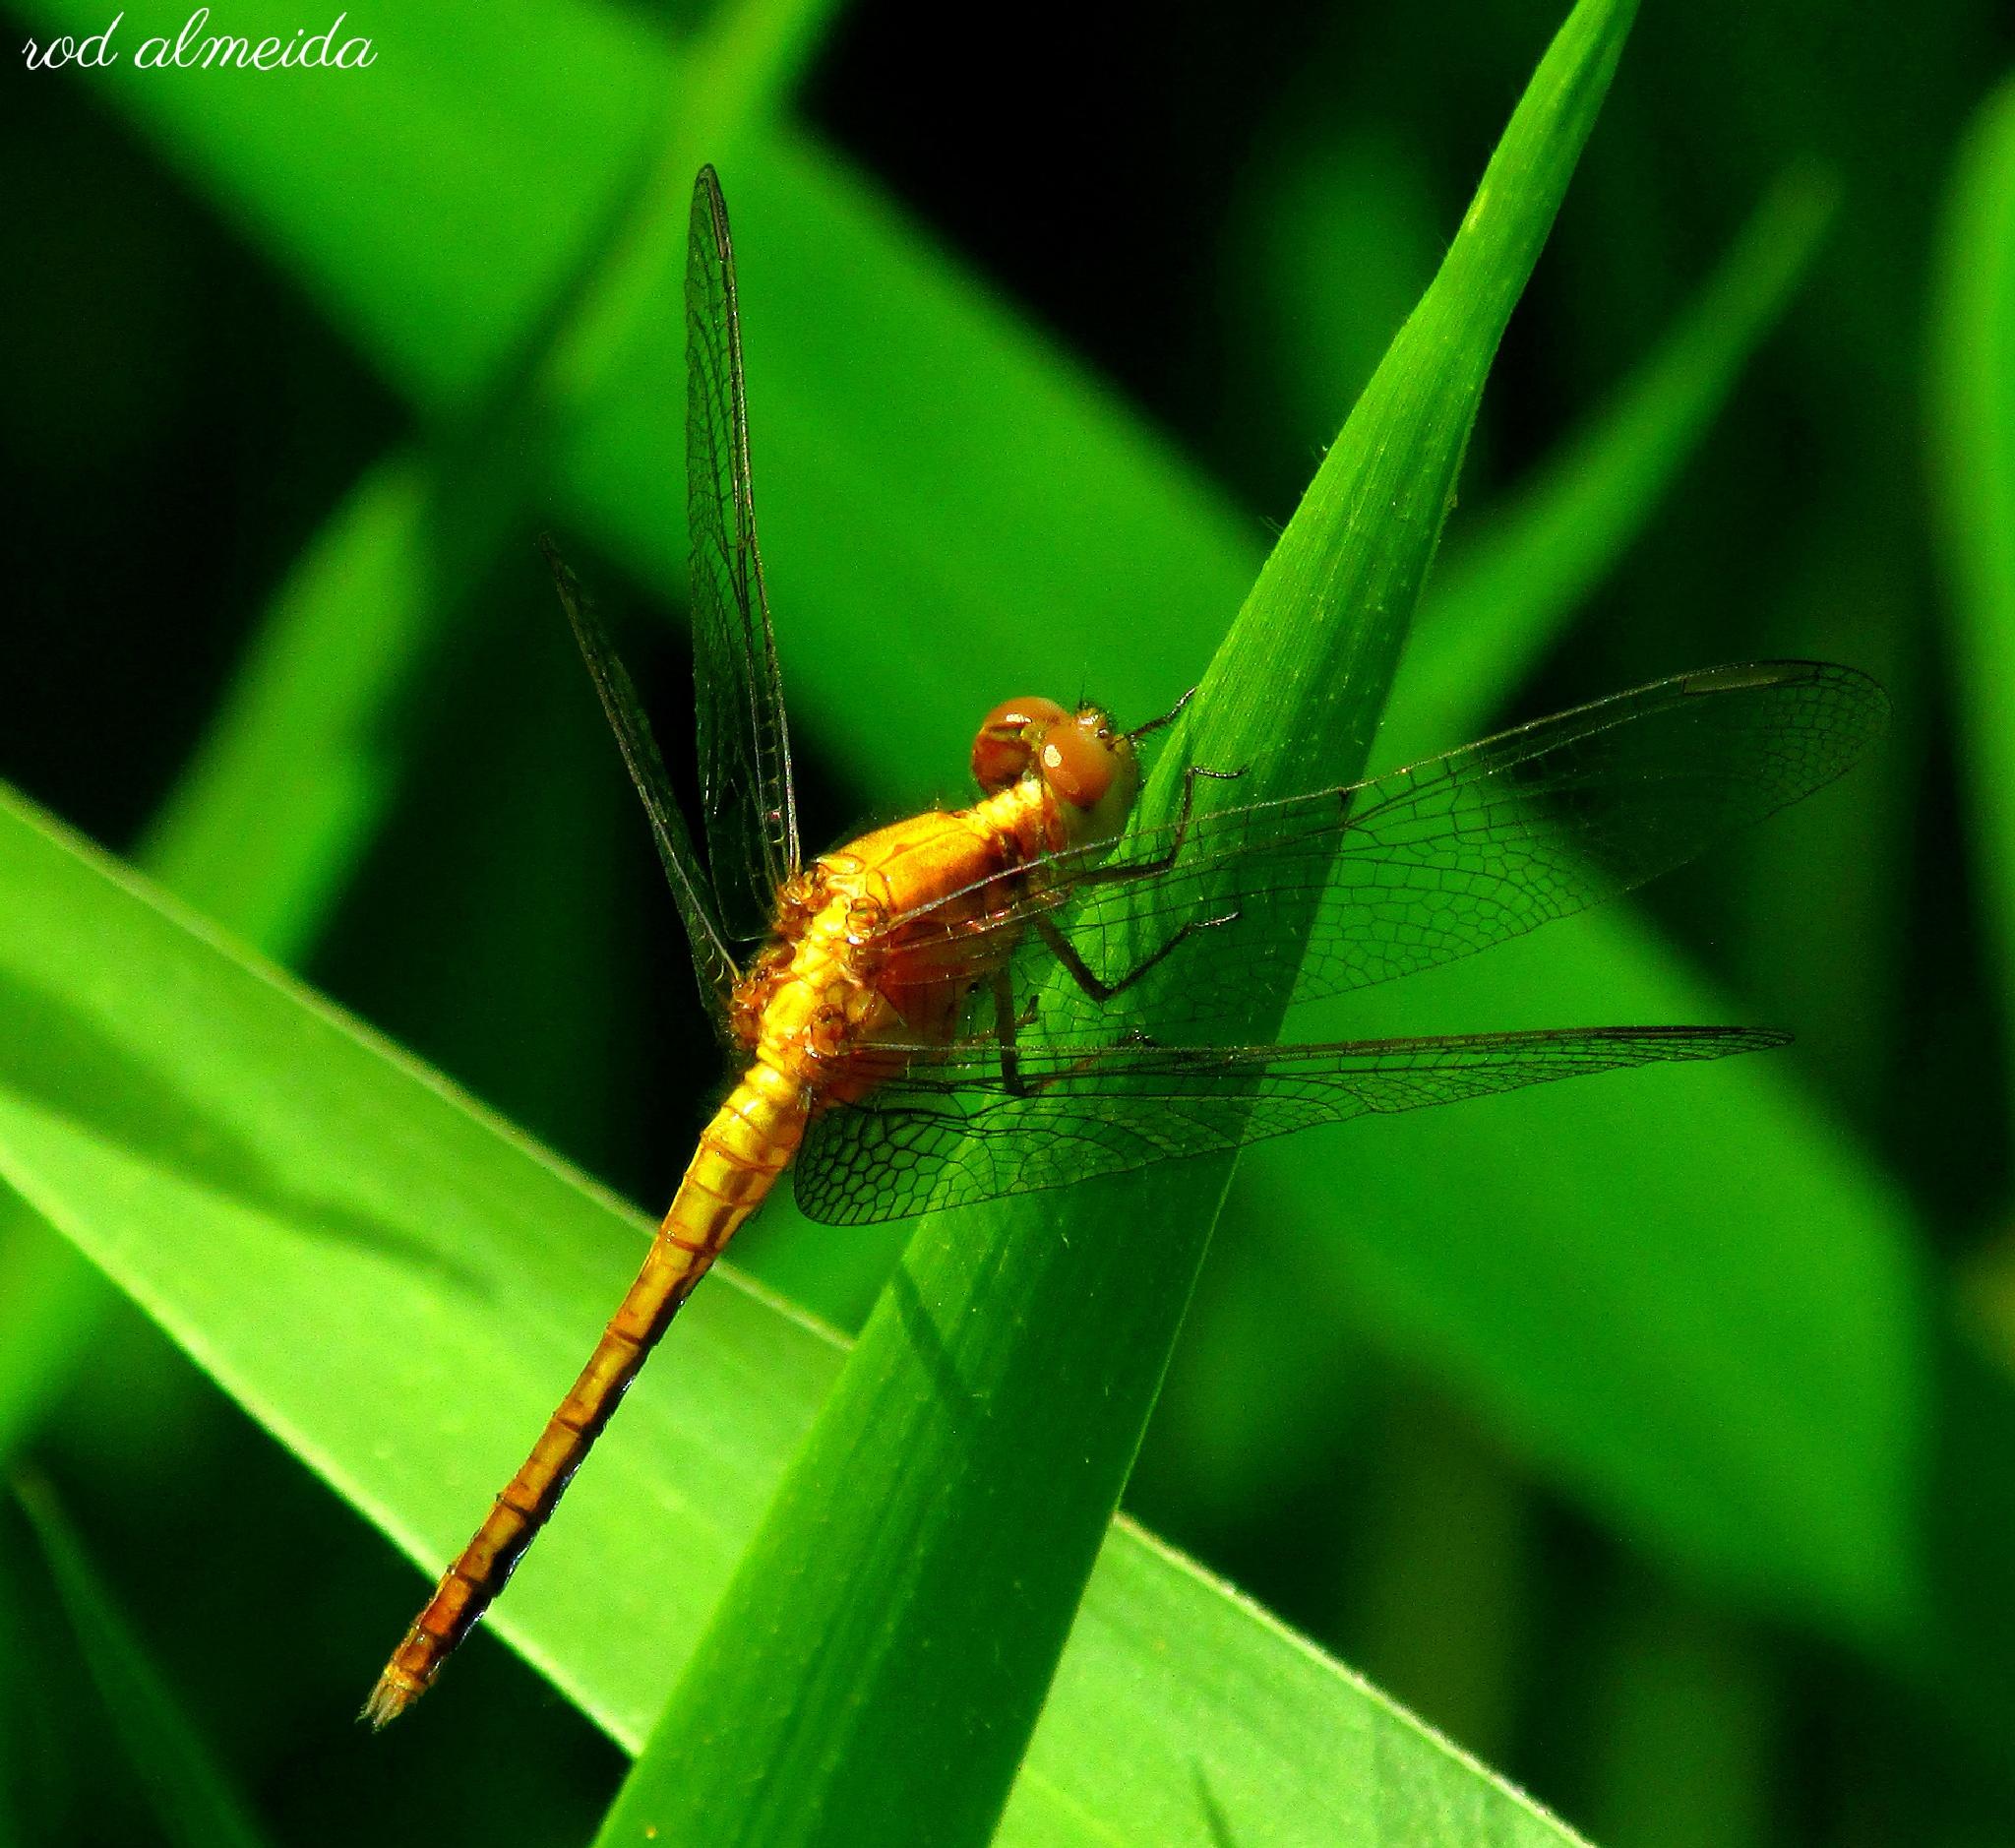 dragonfly by Rodolfo Almeida